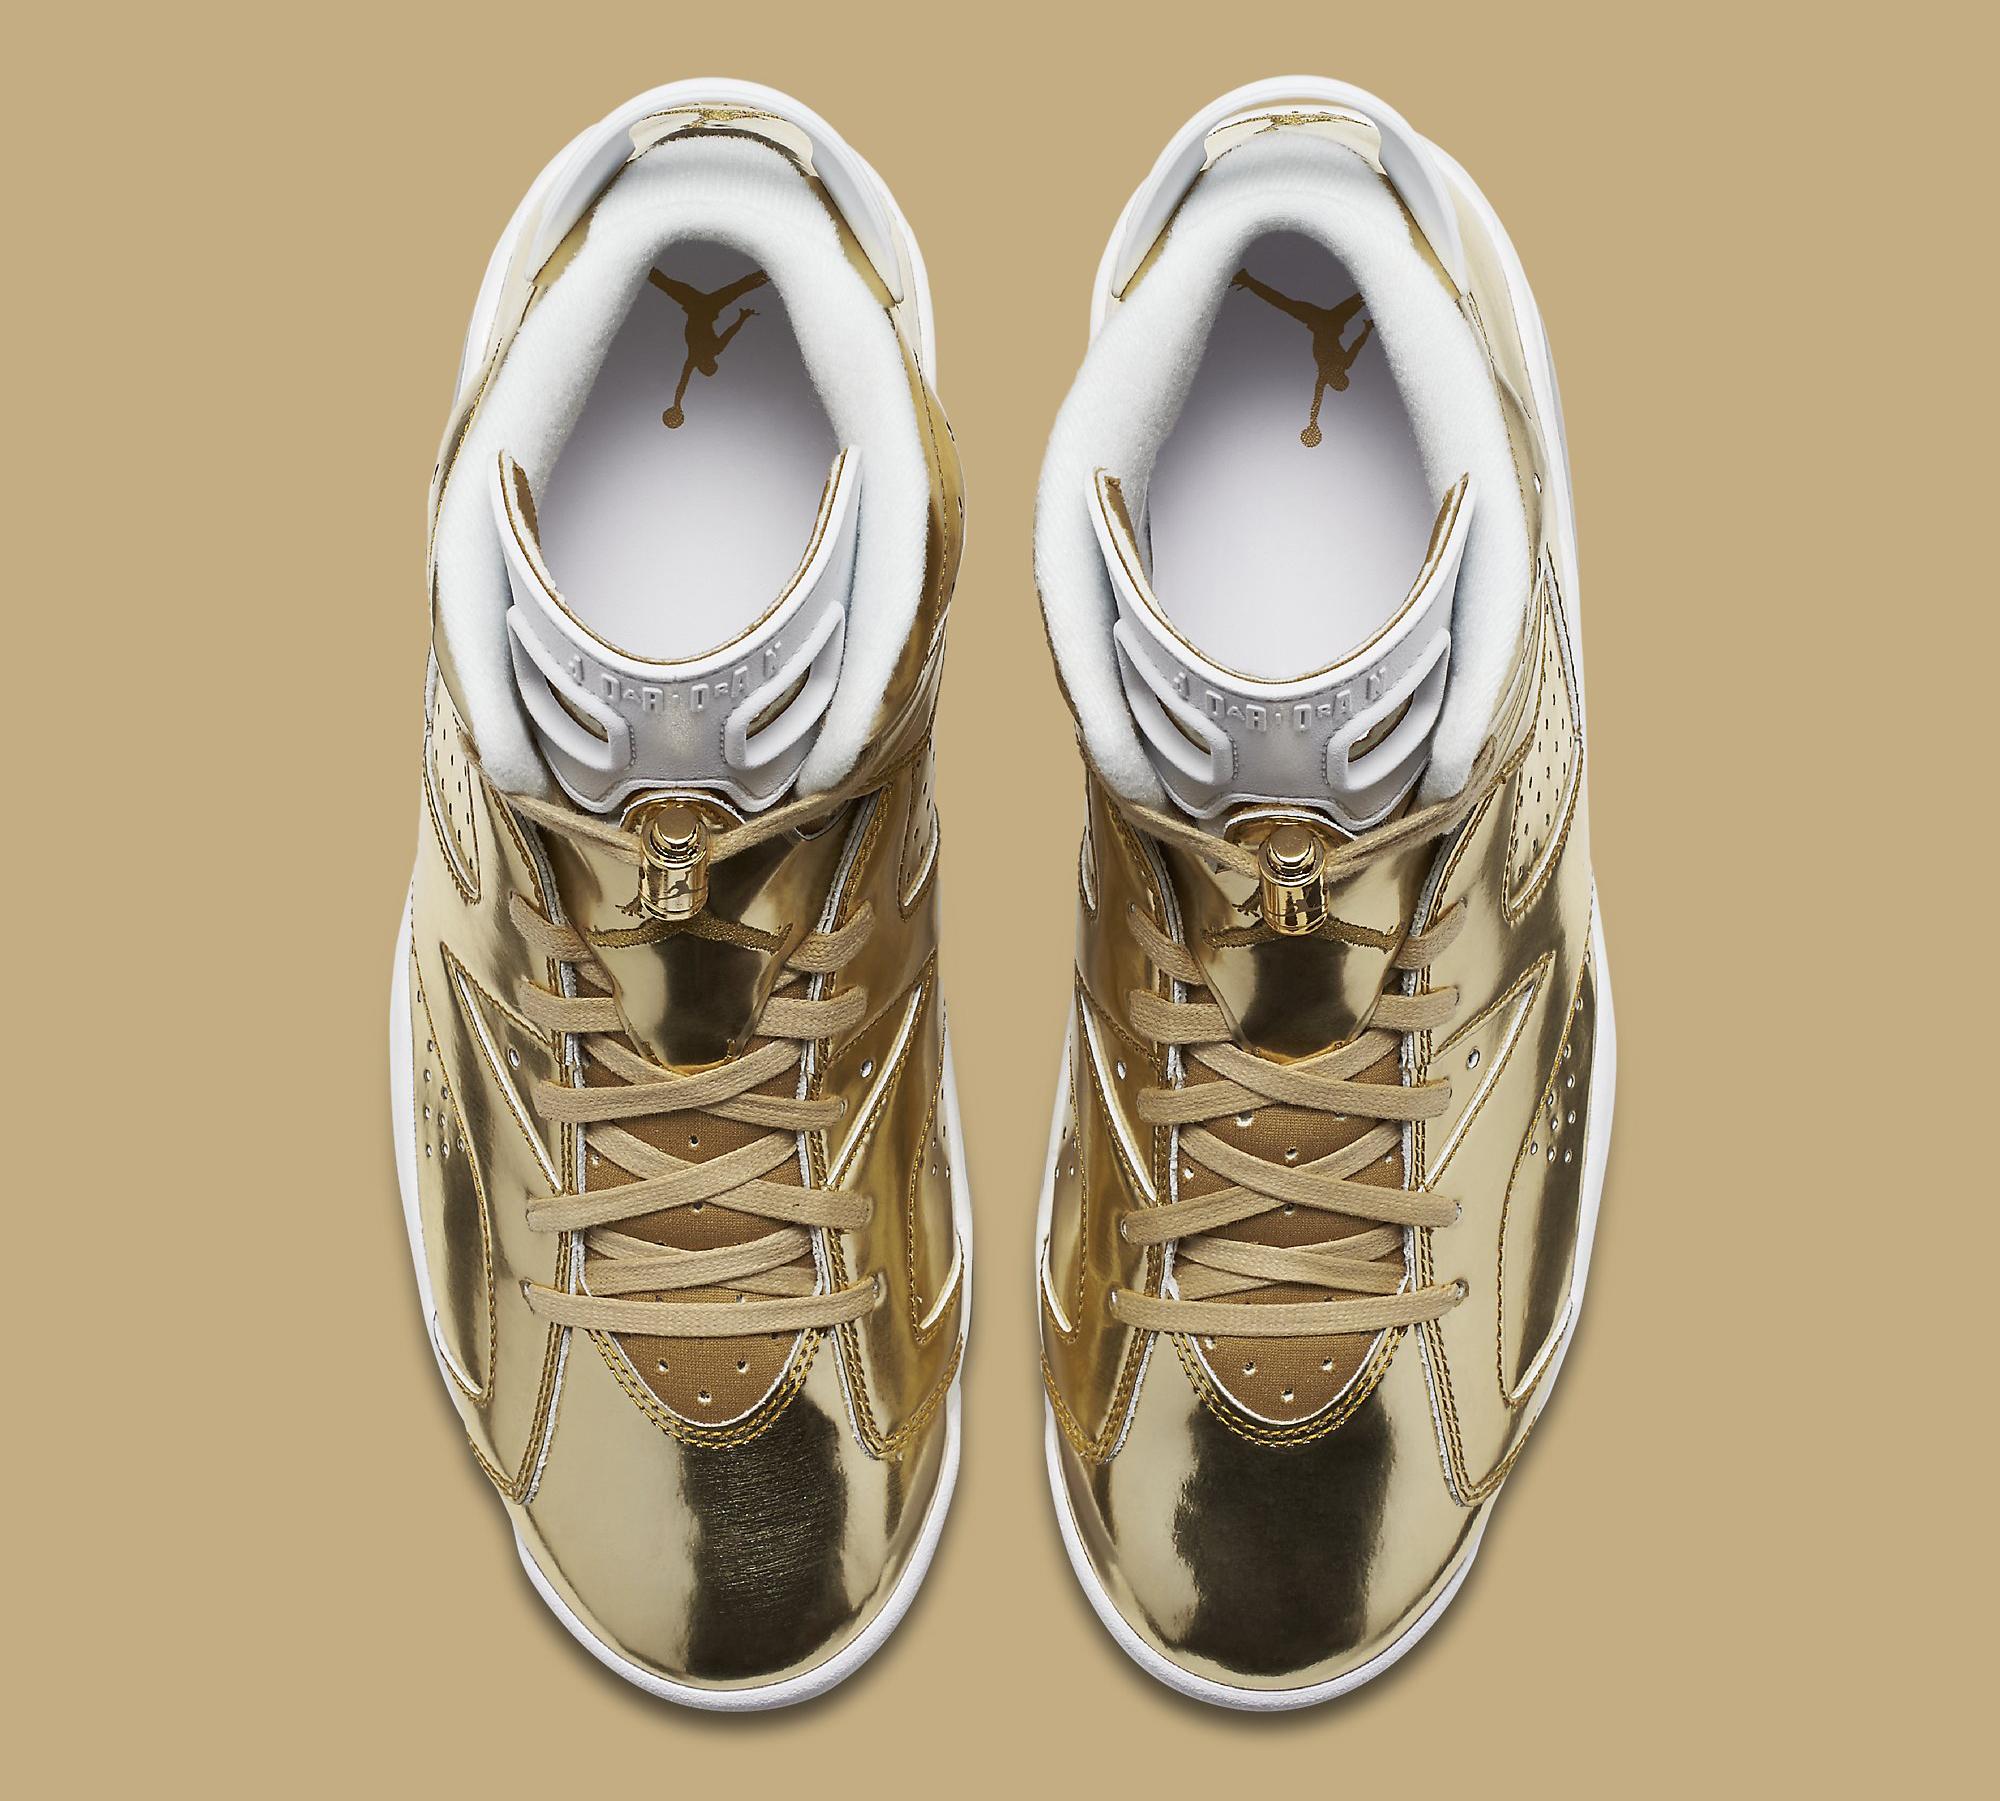 Gold Pinnacle Air Jordan 6 854271-730 Top